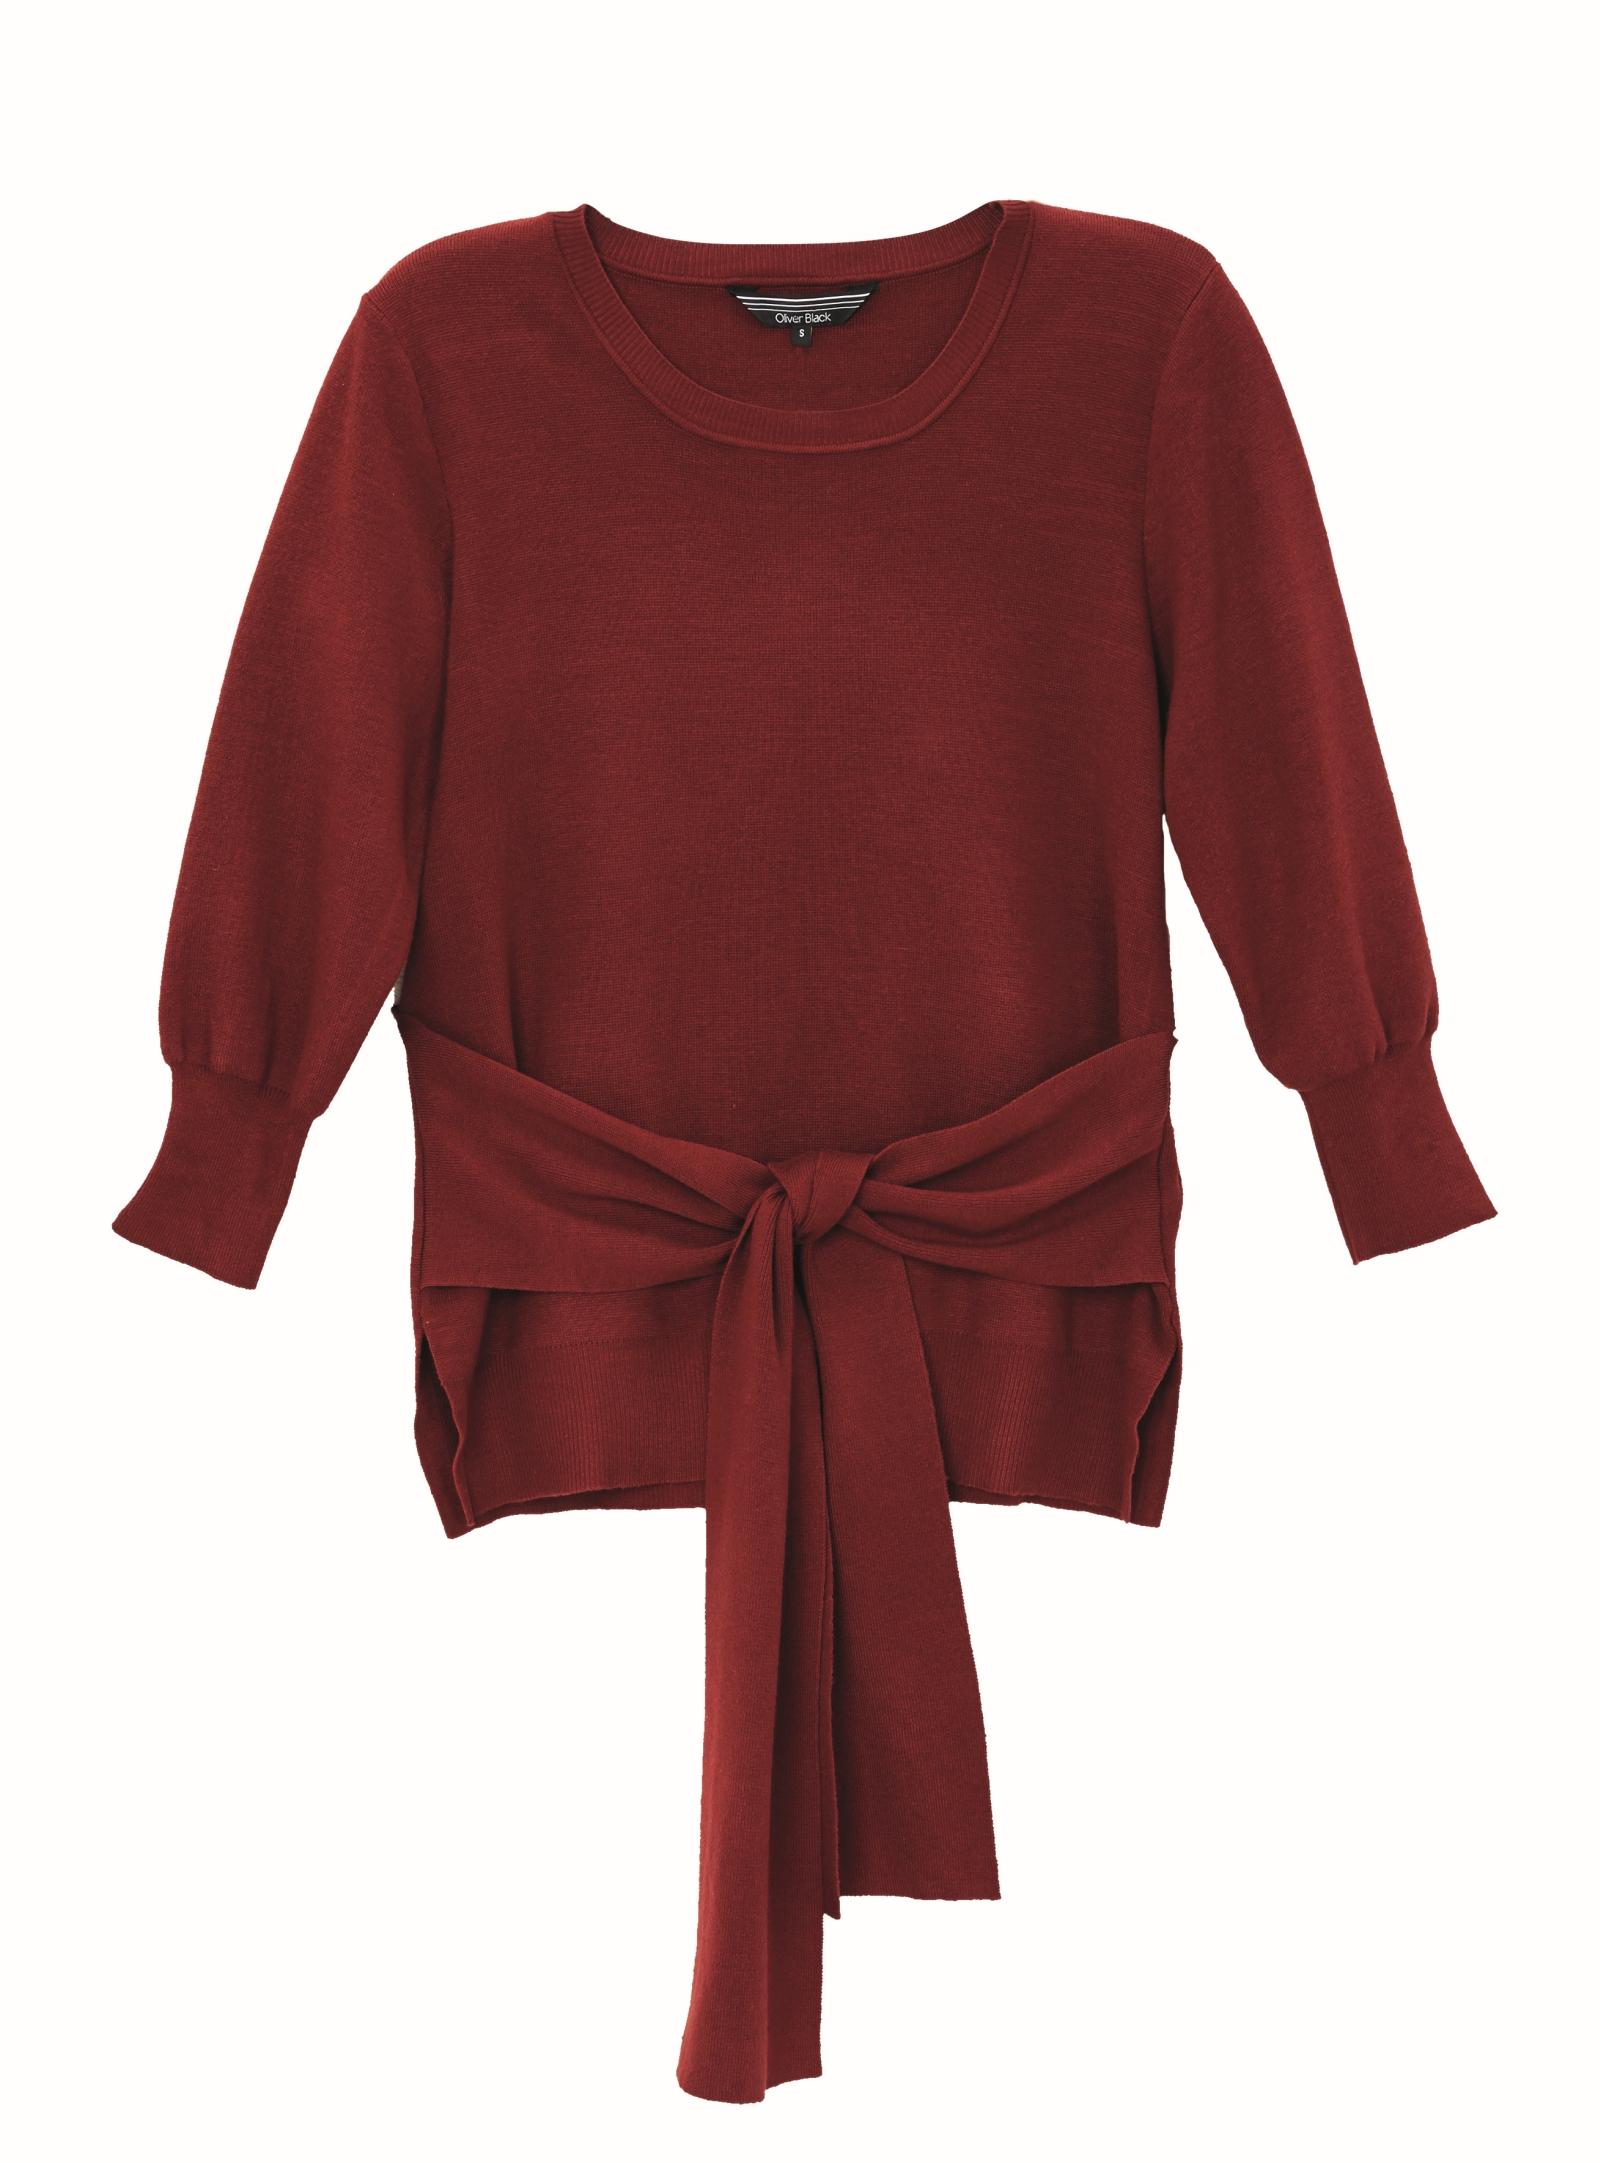 Oliver Black Knit Tie Top $79.99